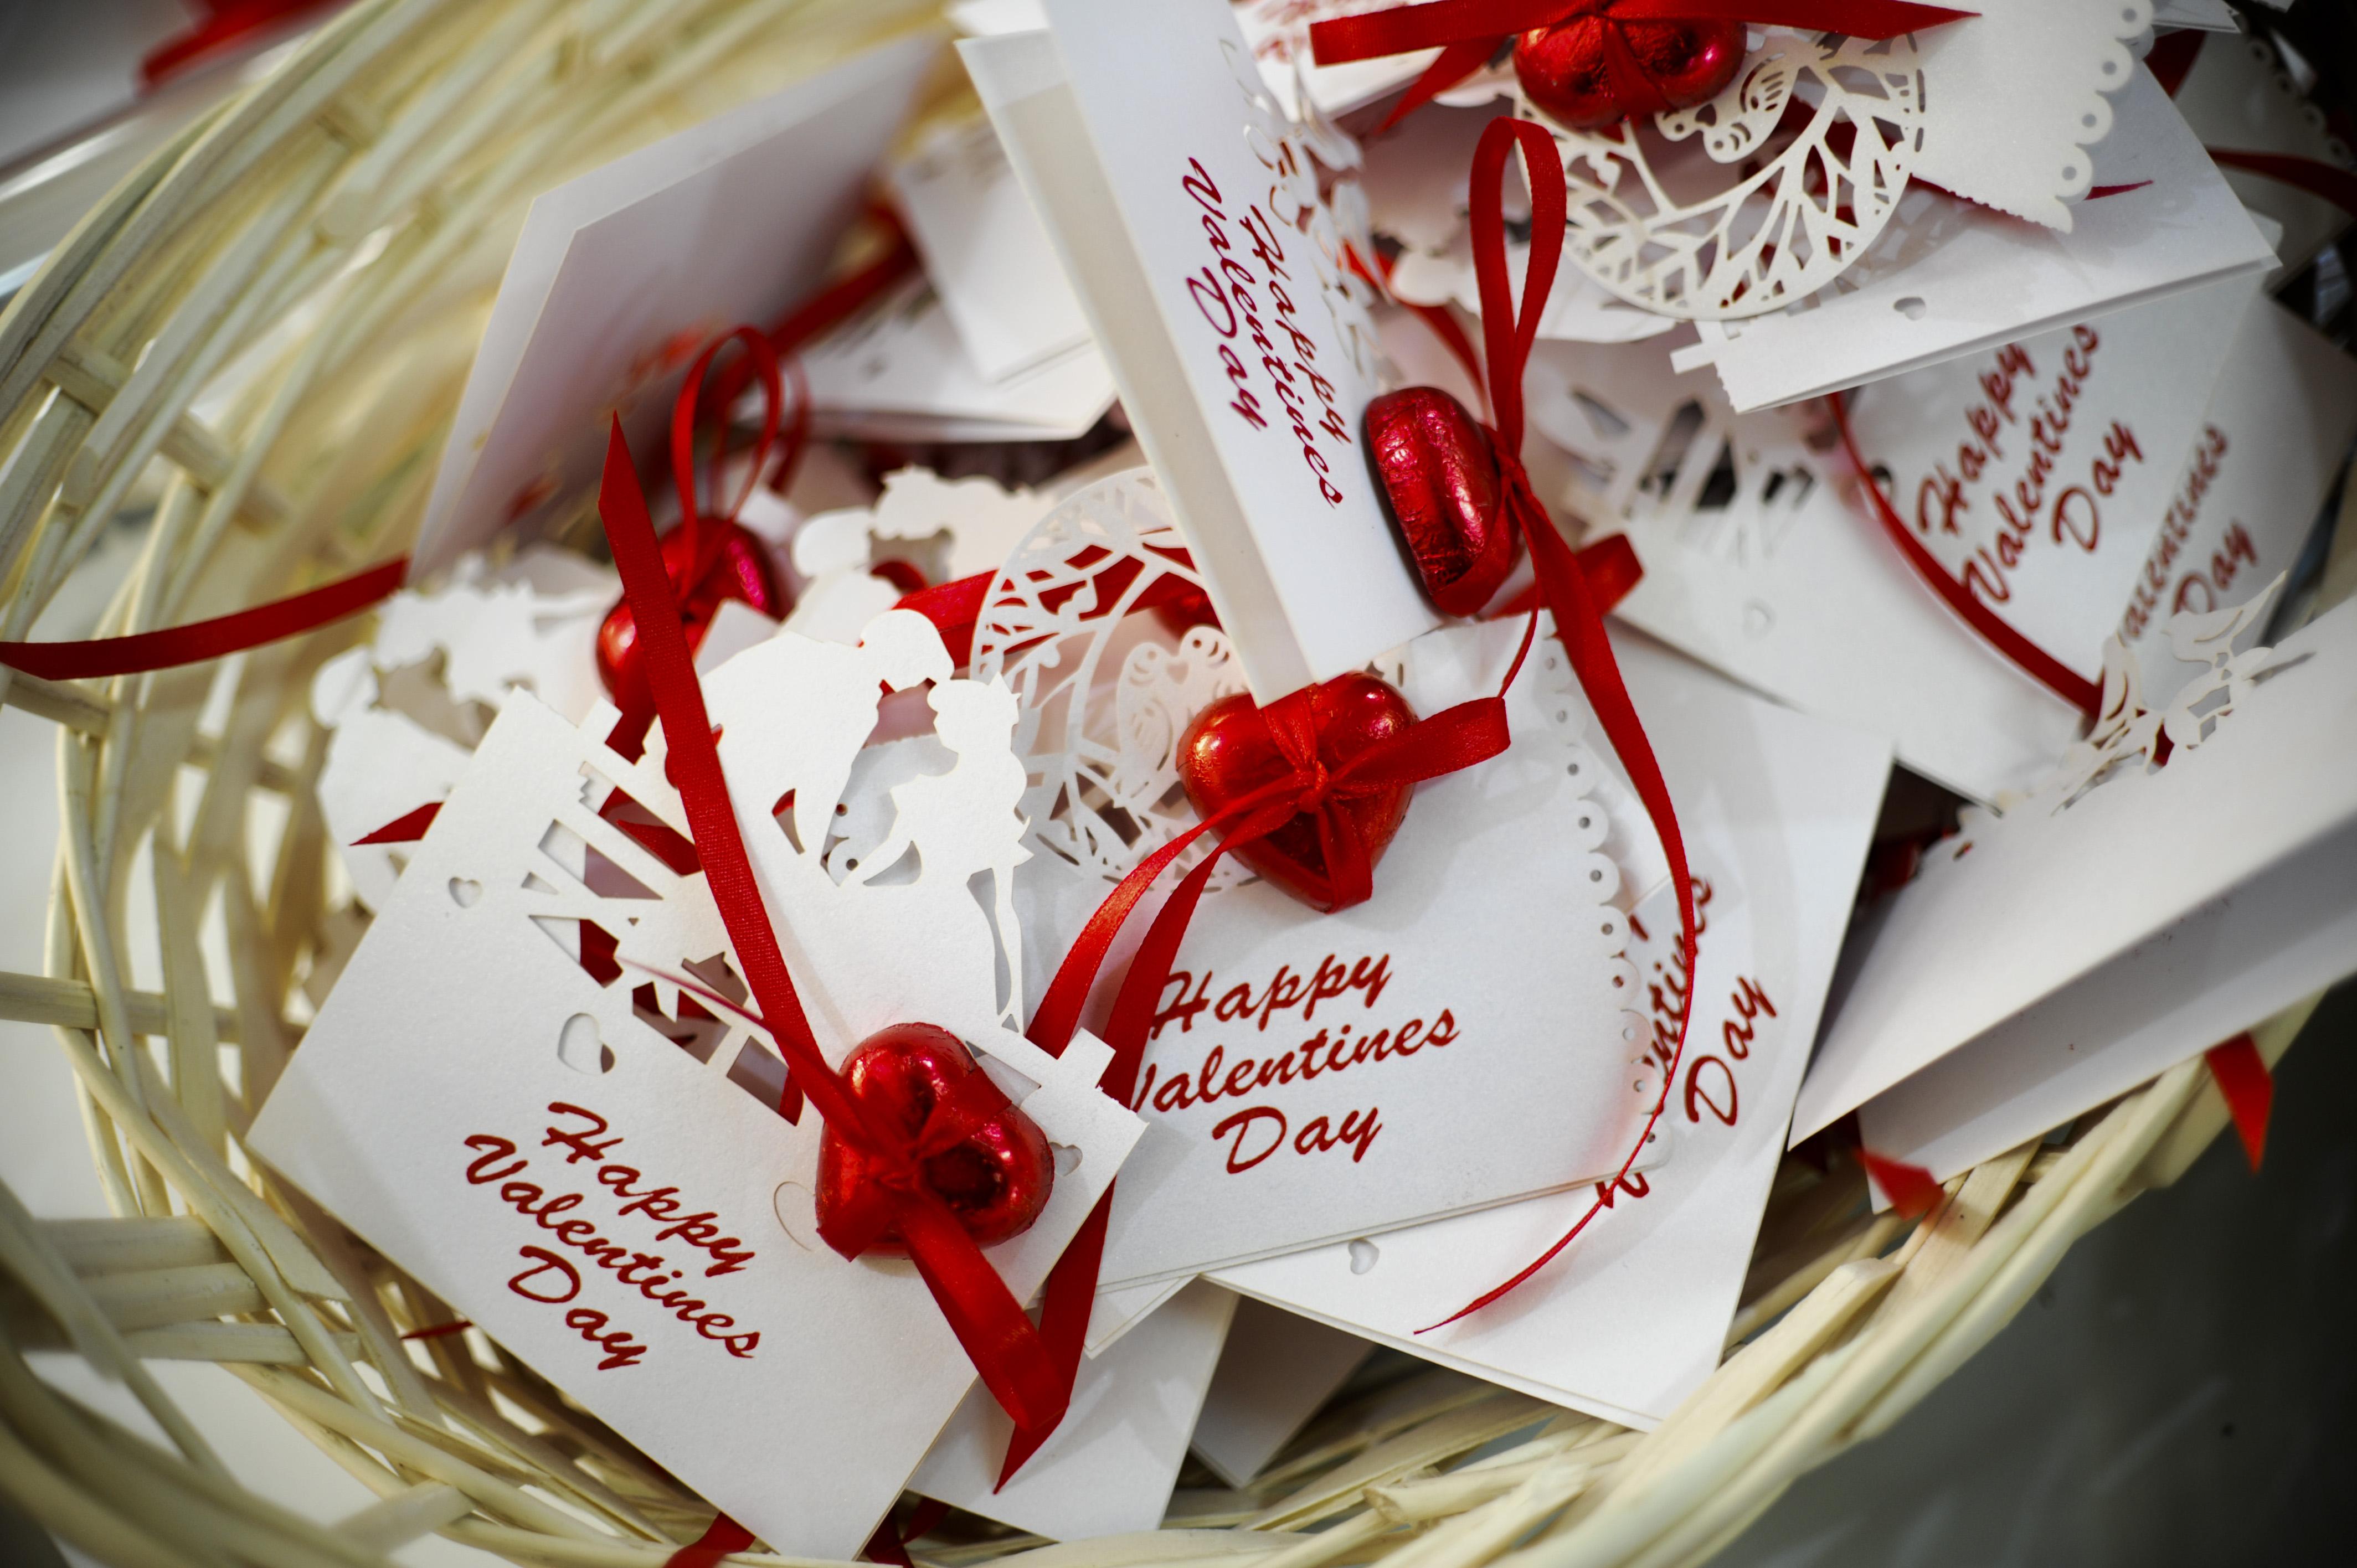 San valentino regali fai da te ed economici da realizzare - Idee regalo x la casa ...